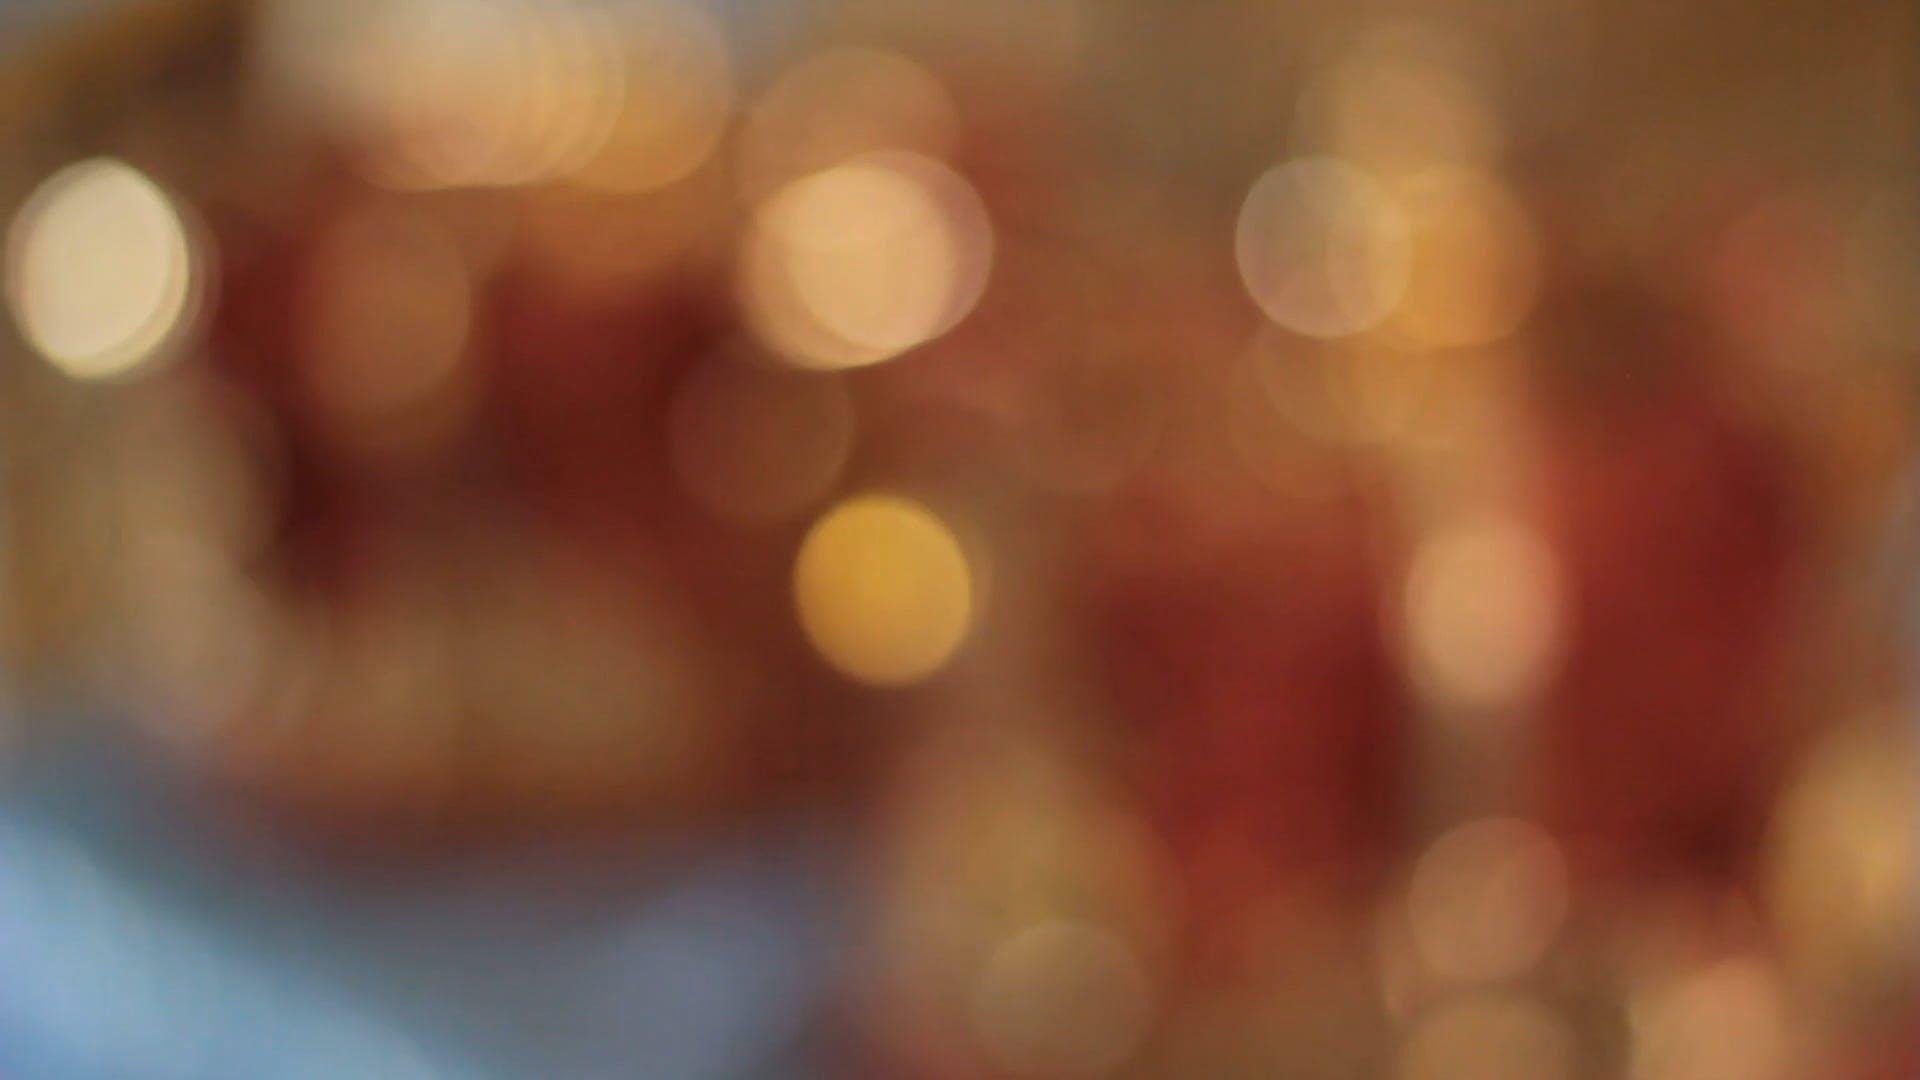 Video Of Crowns Focusing